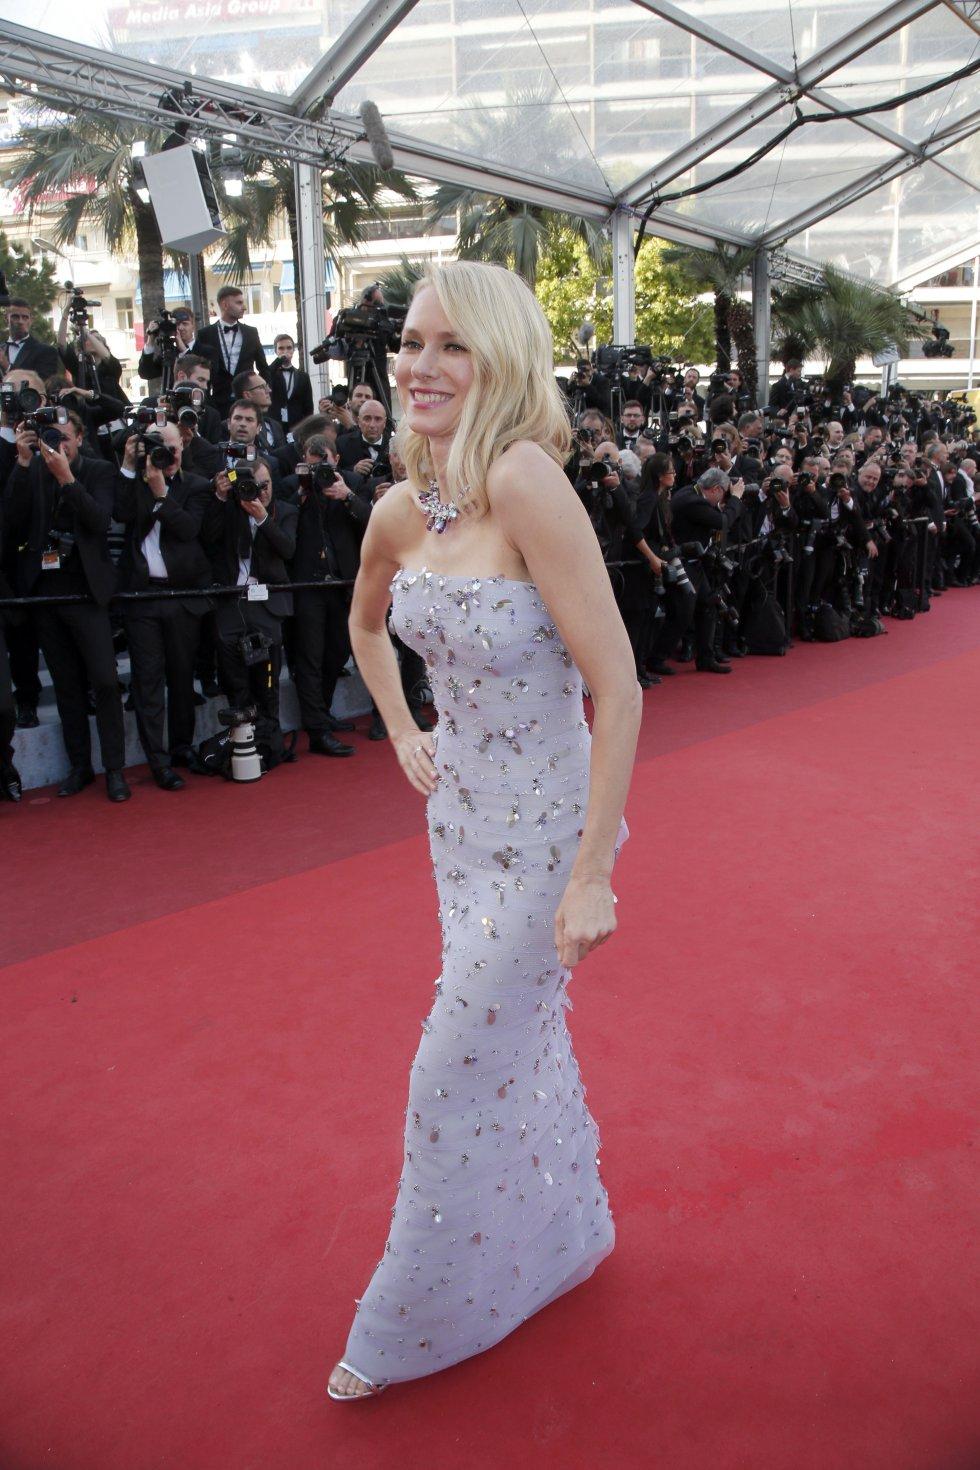 La actriz australiana Naomi Watts, más conocida por su papel de Ann Darrow en King Kong.